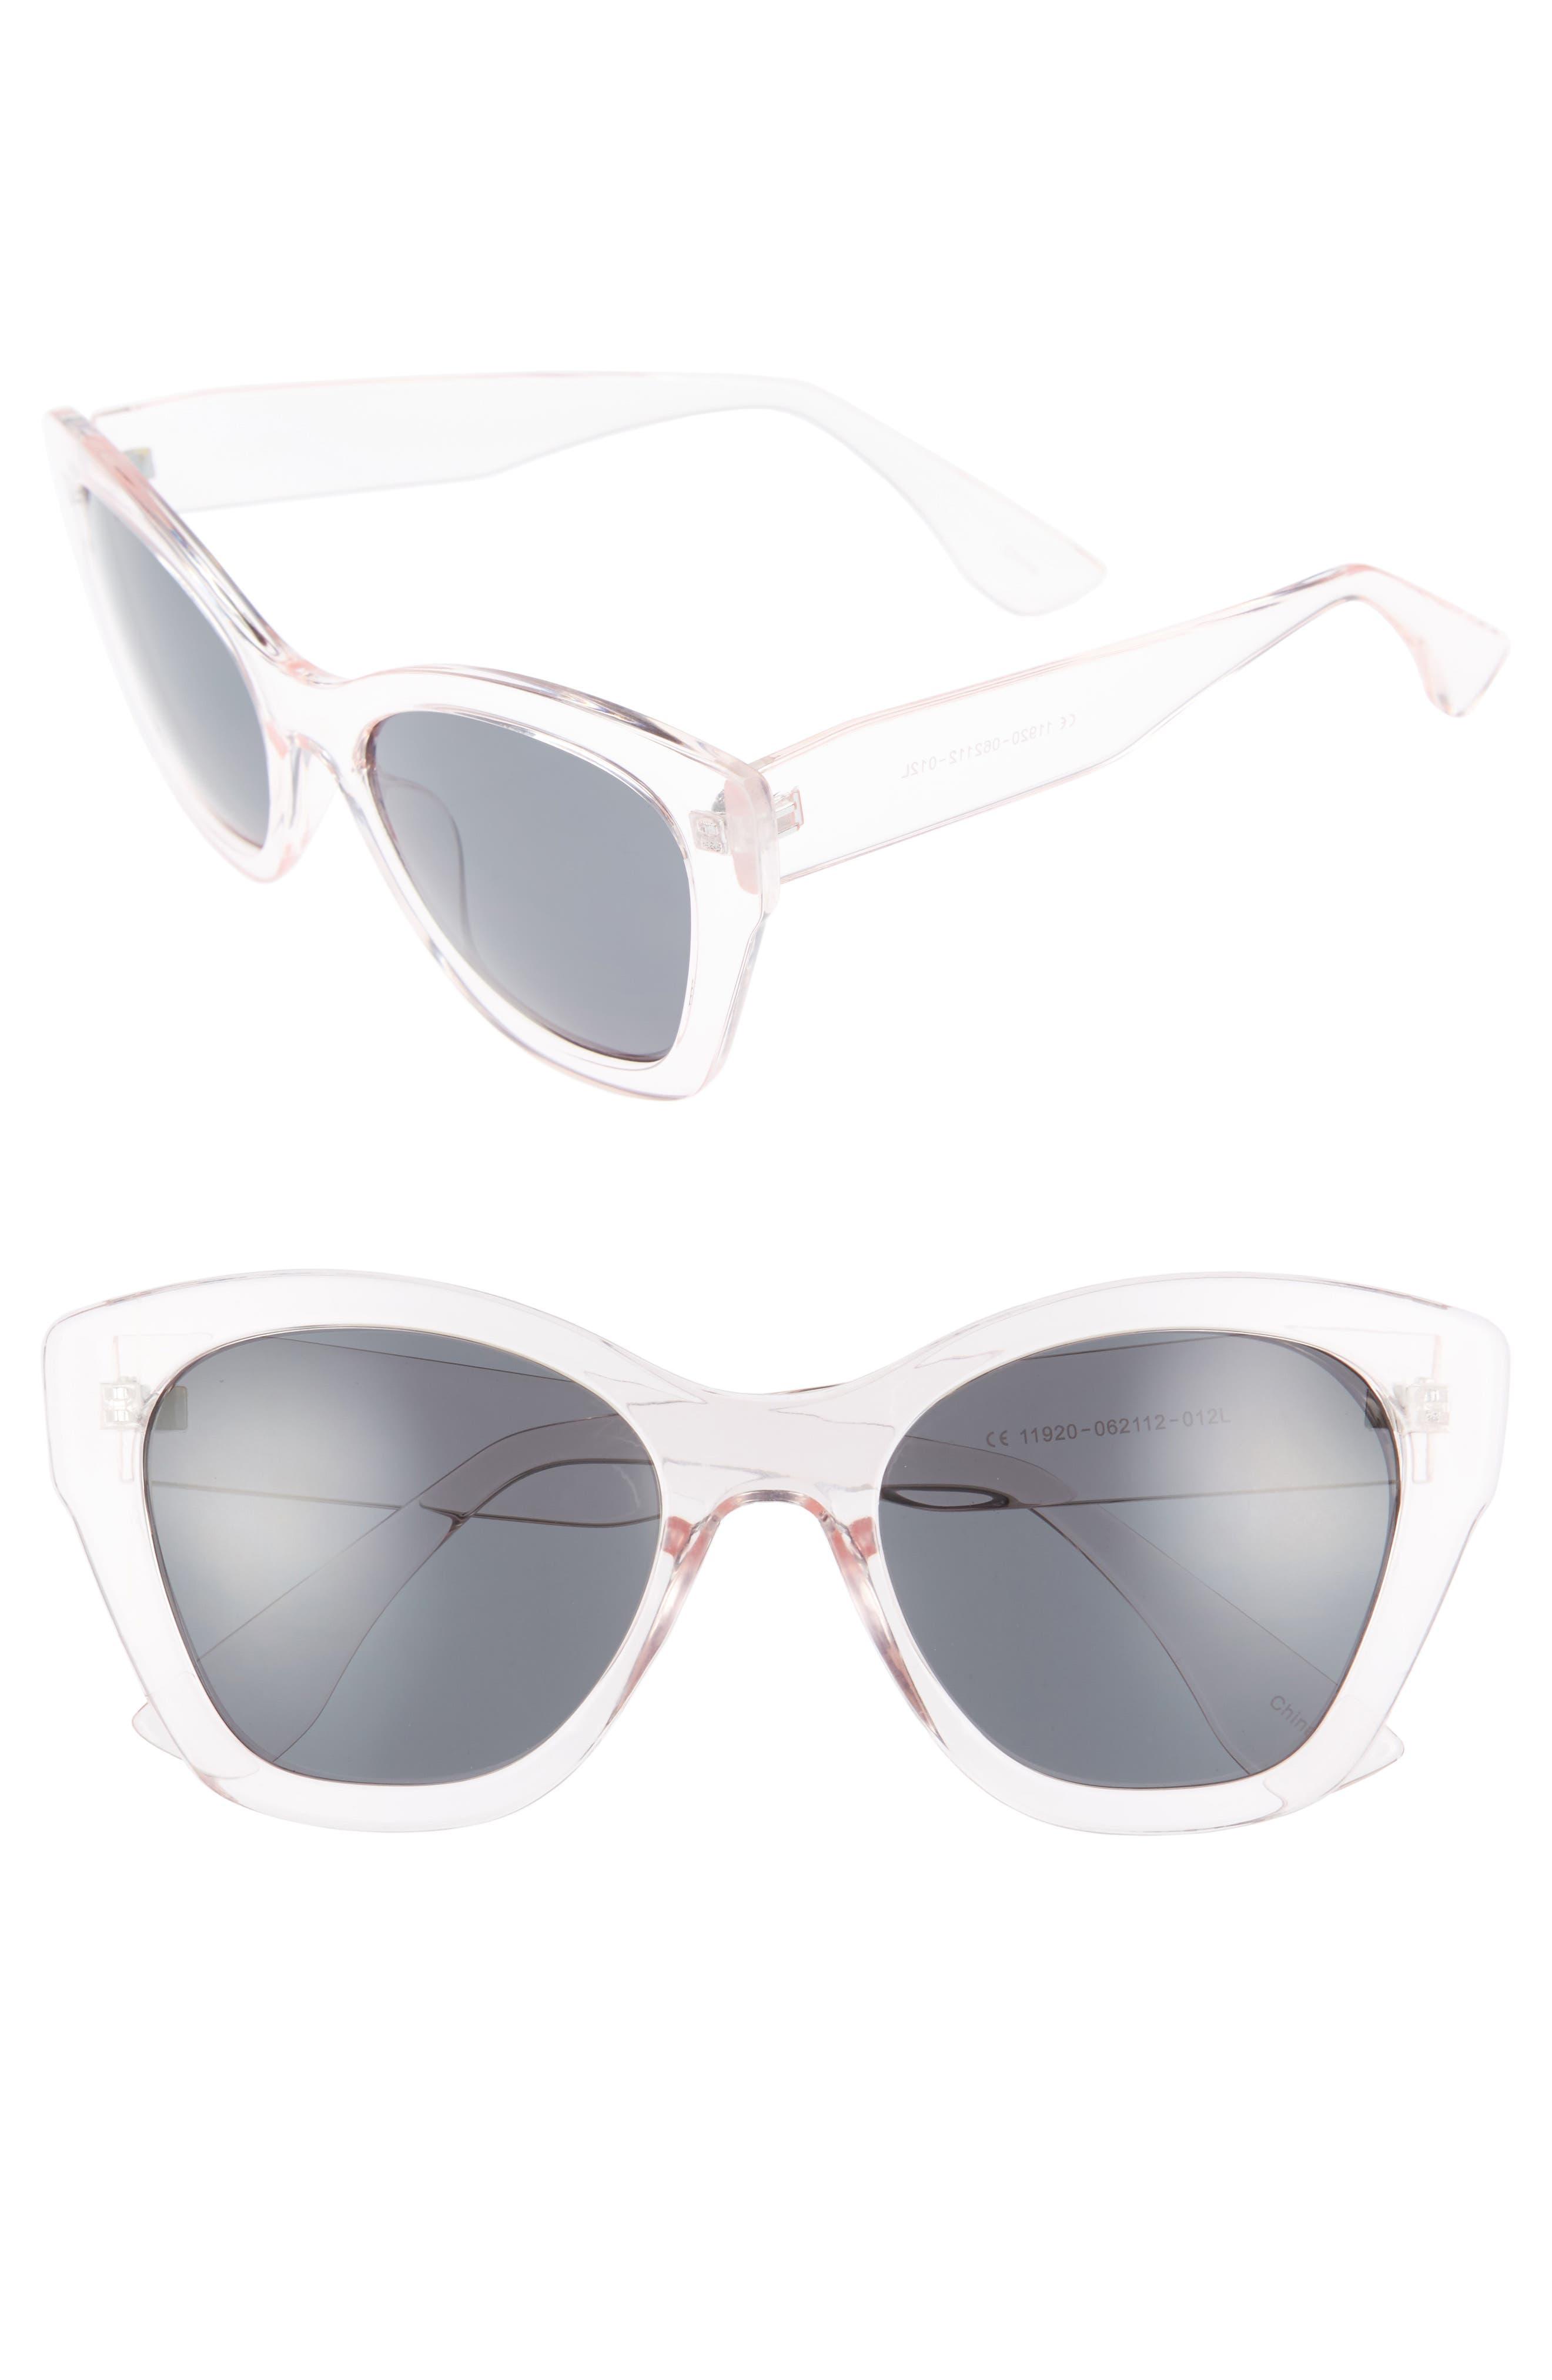 55mm Square Sunglasses,                             Main thumbnail 1, color,                             Blush